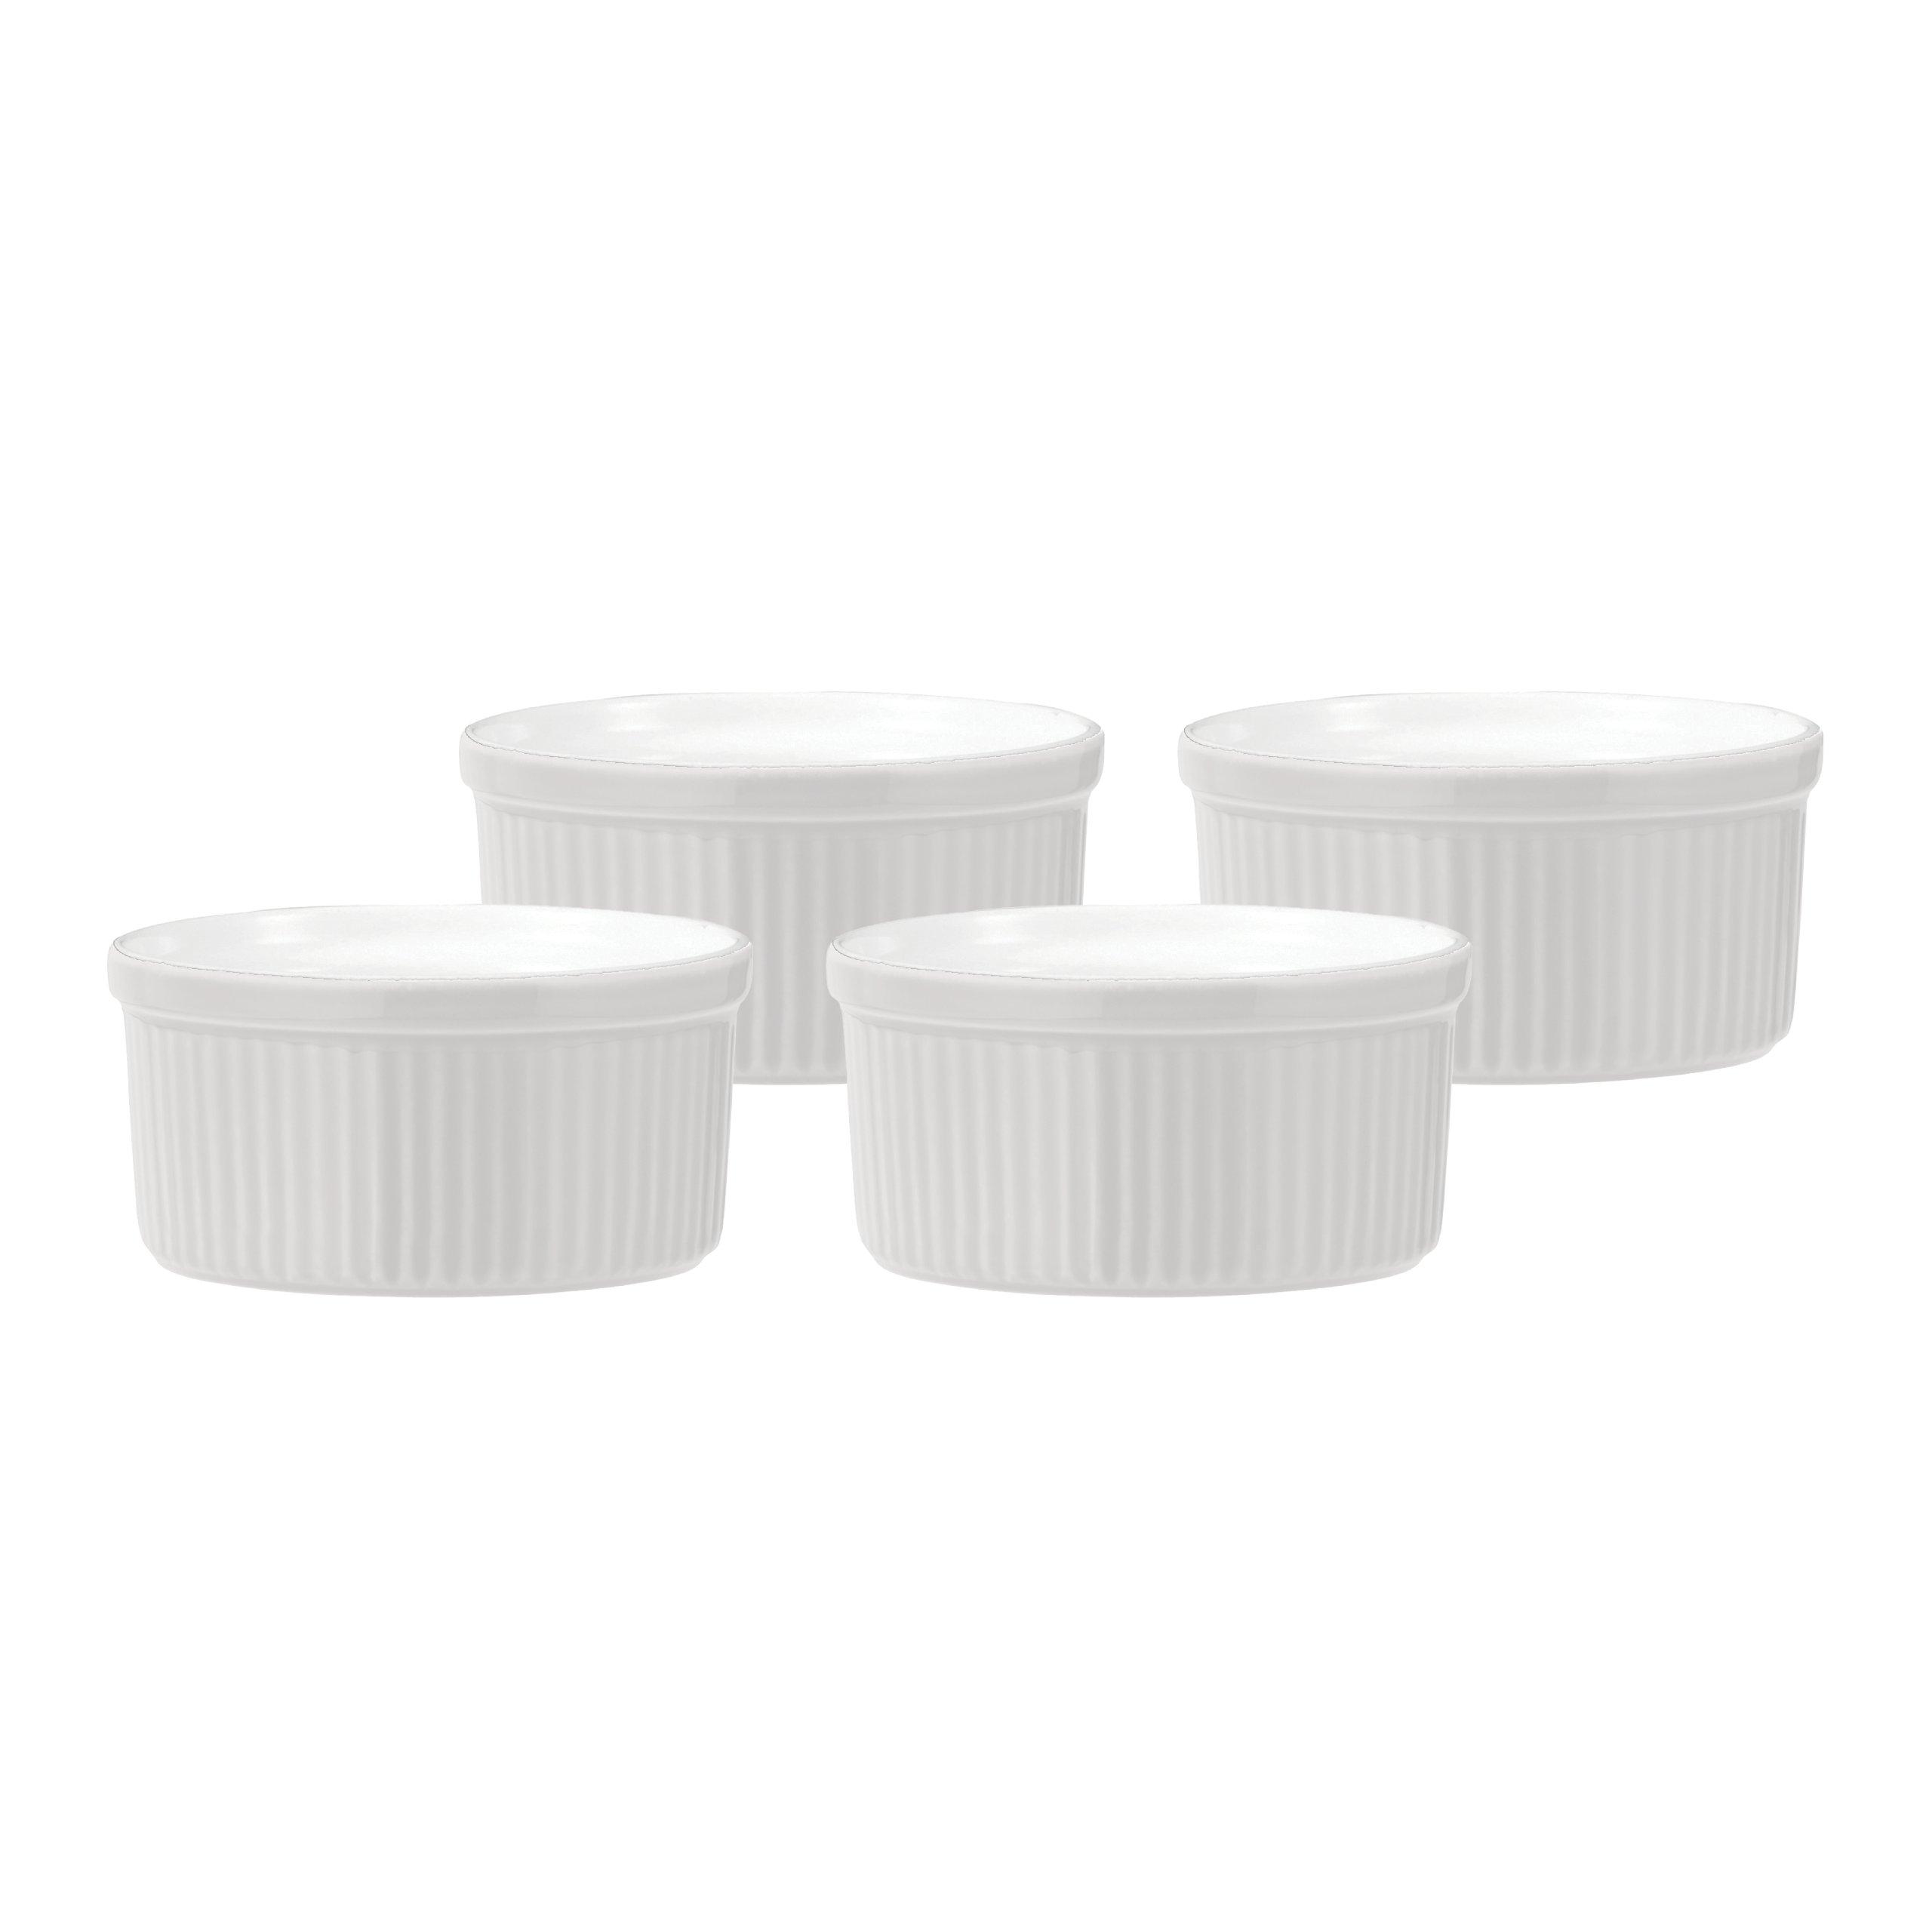 Emile Henry Souffle Dish, 8-Ounce, White, Set of 4